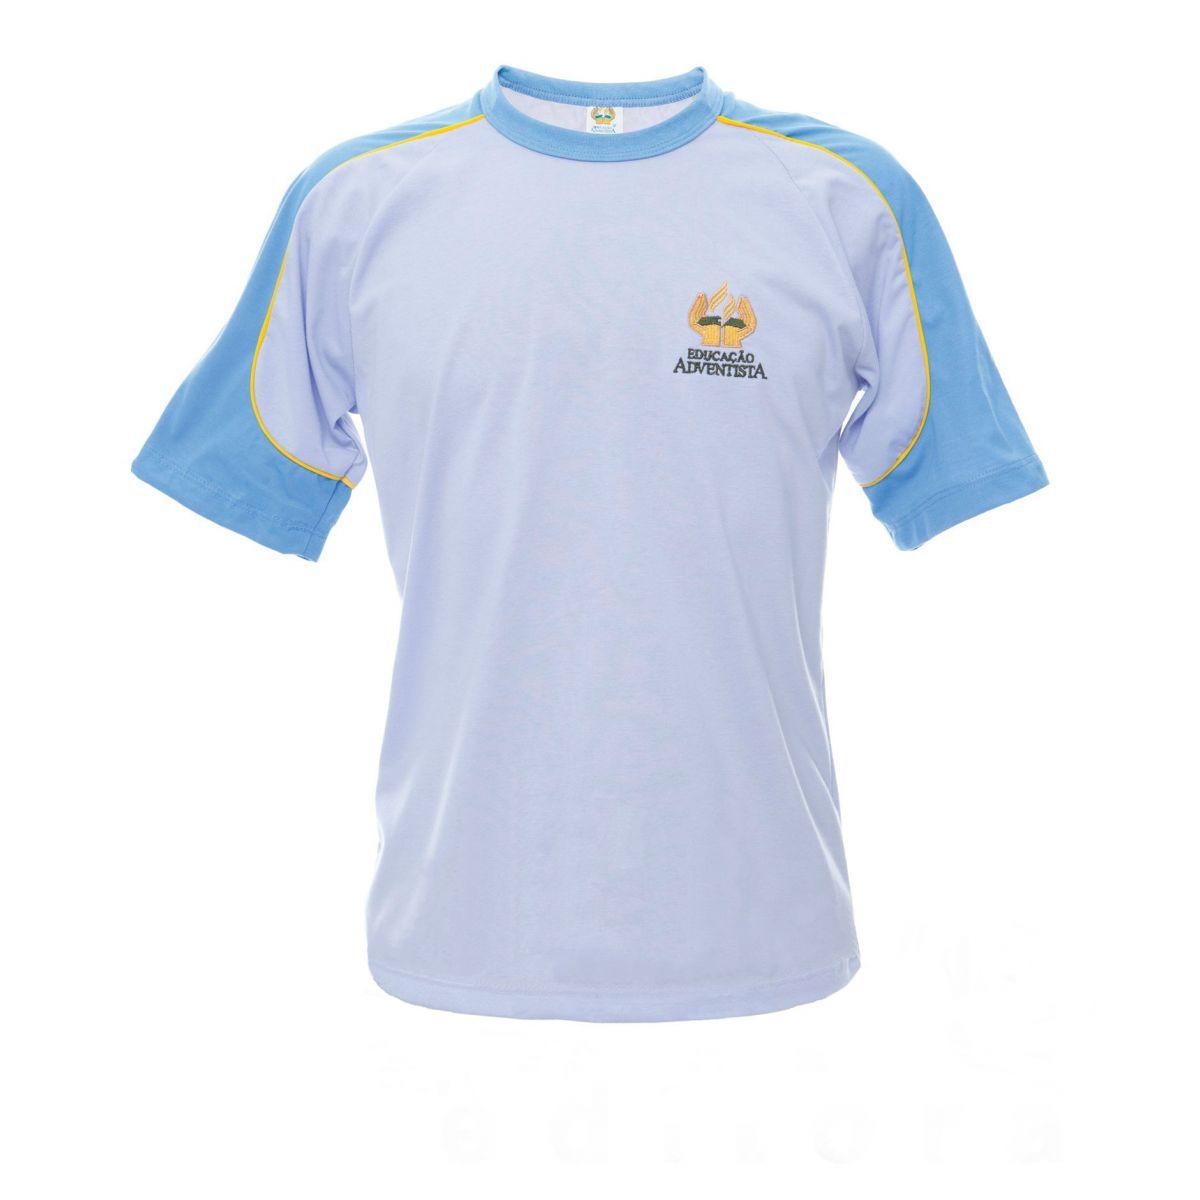 Camiseta Manga Curta  PPPI